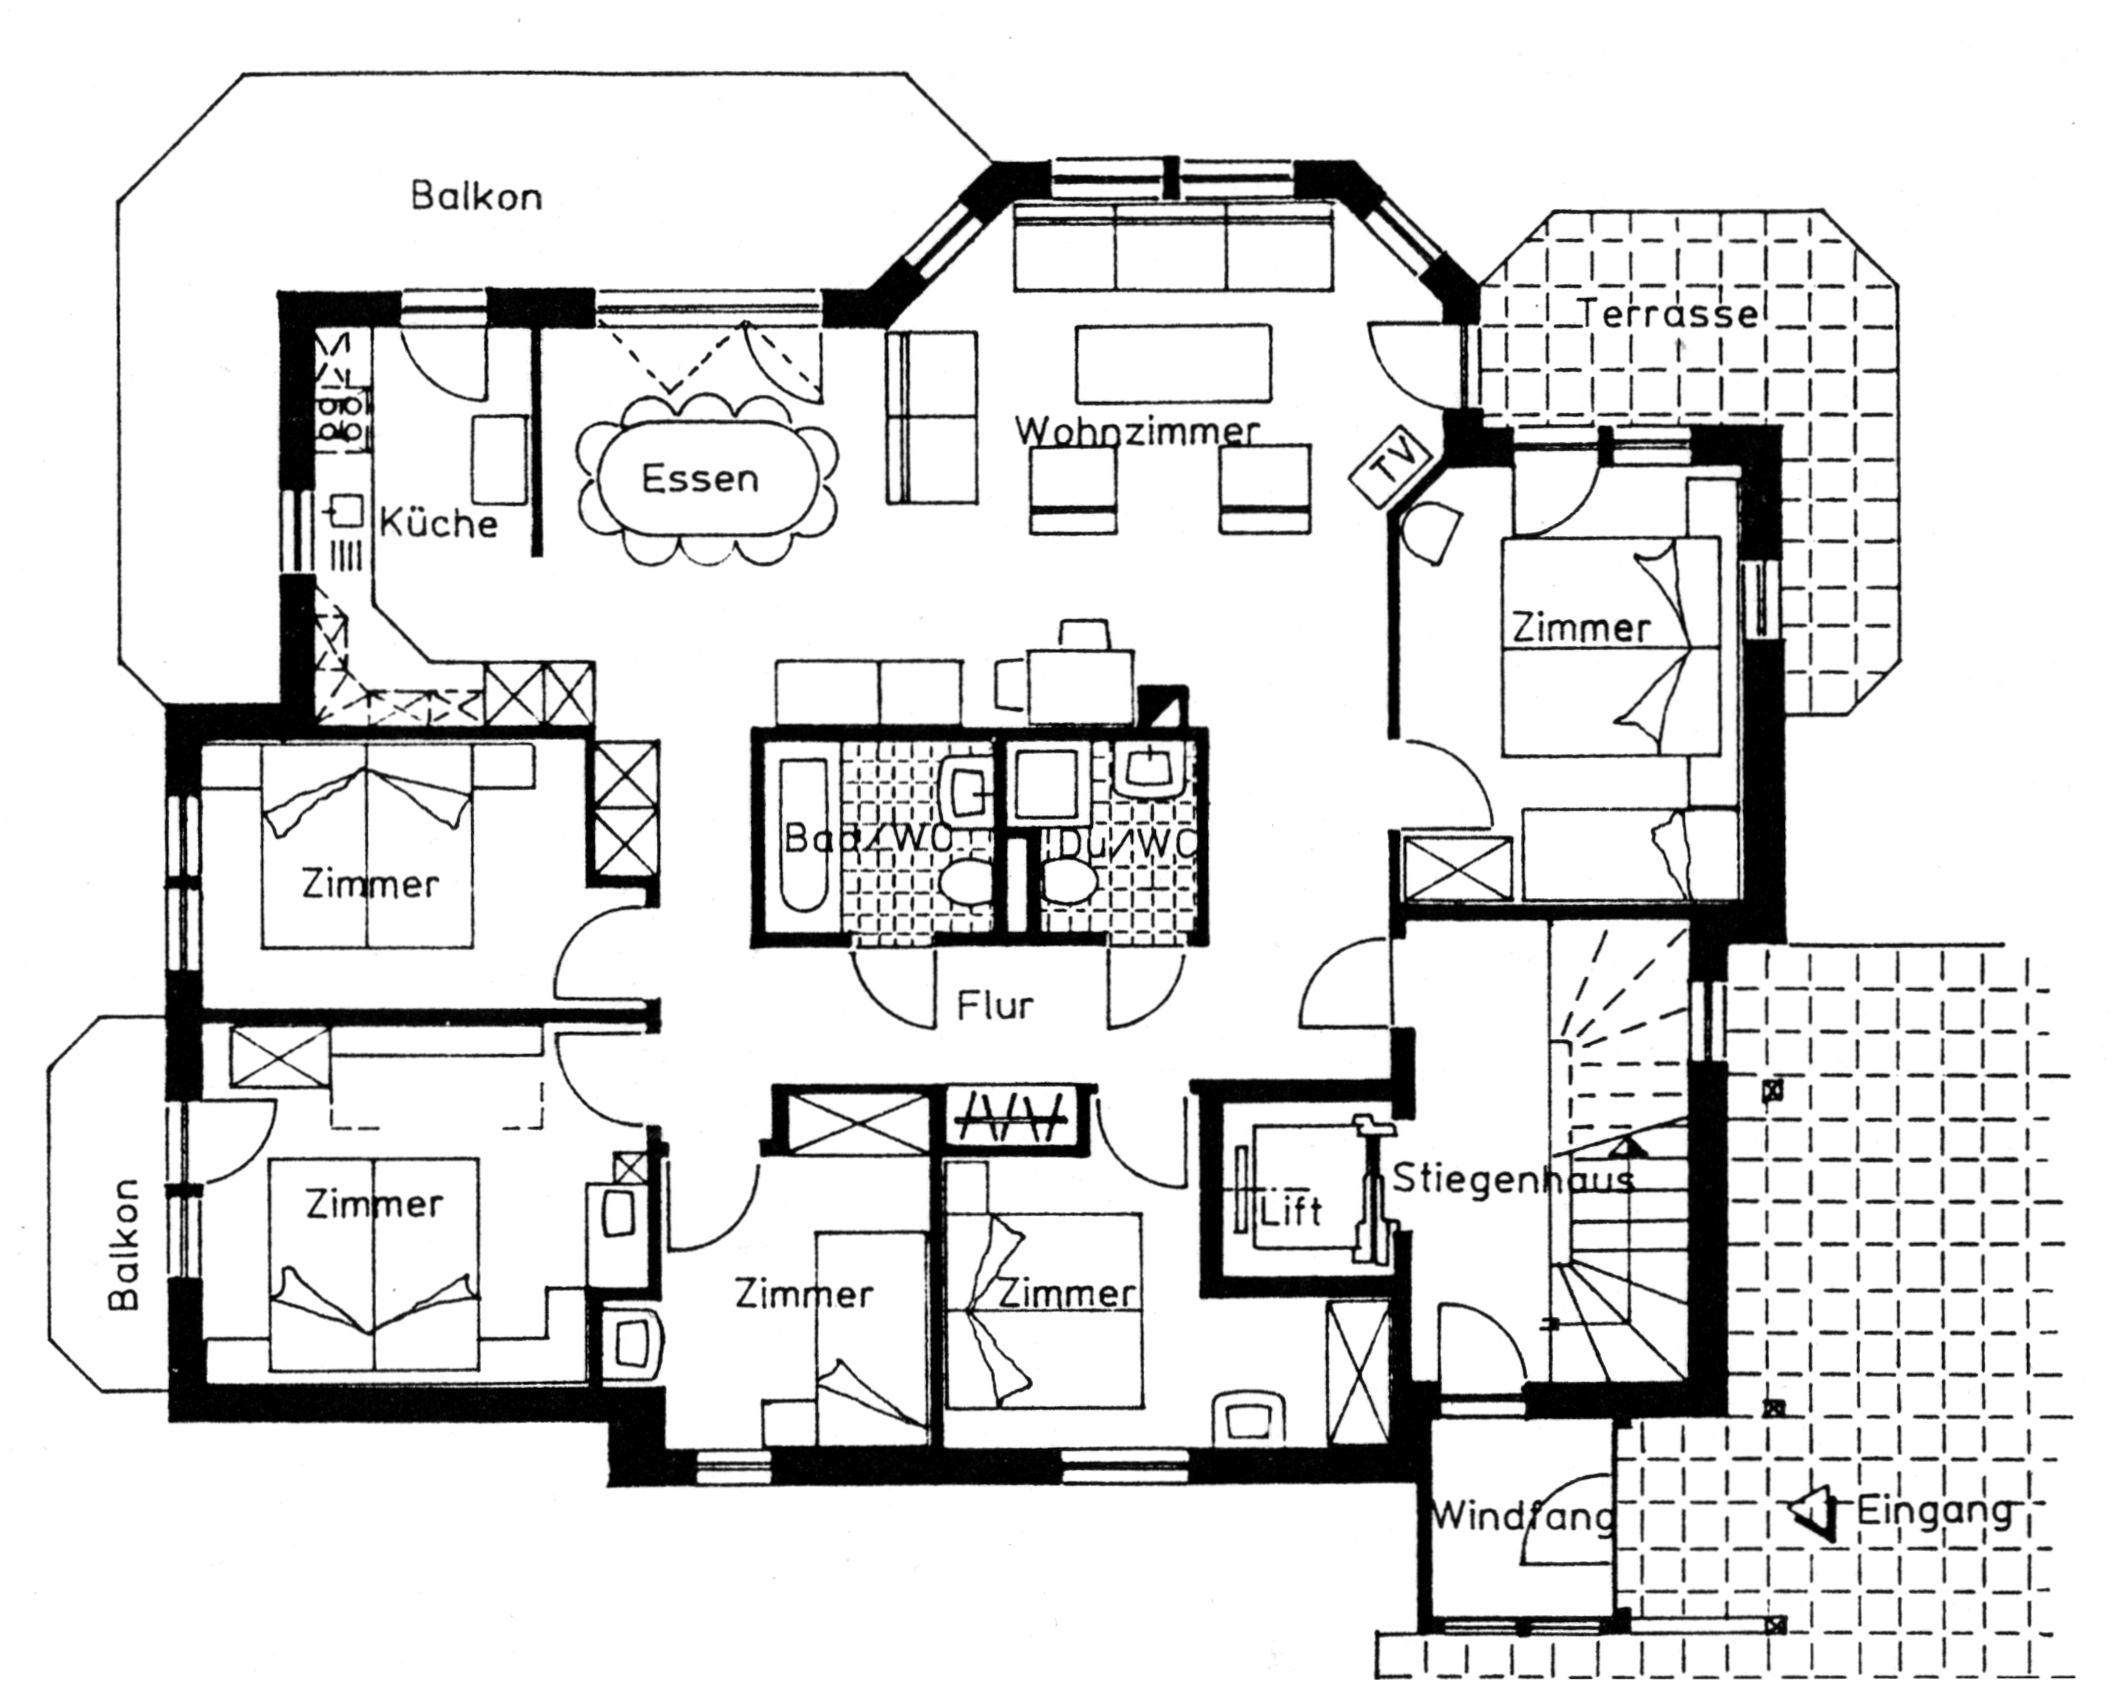 6 5 zimmer 10 12 pers nr 11. Black Bedroom Furniture Sets. Home Design Ideas